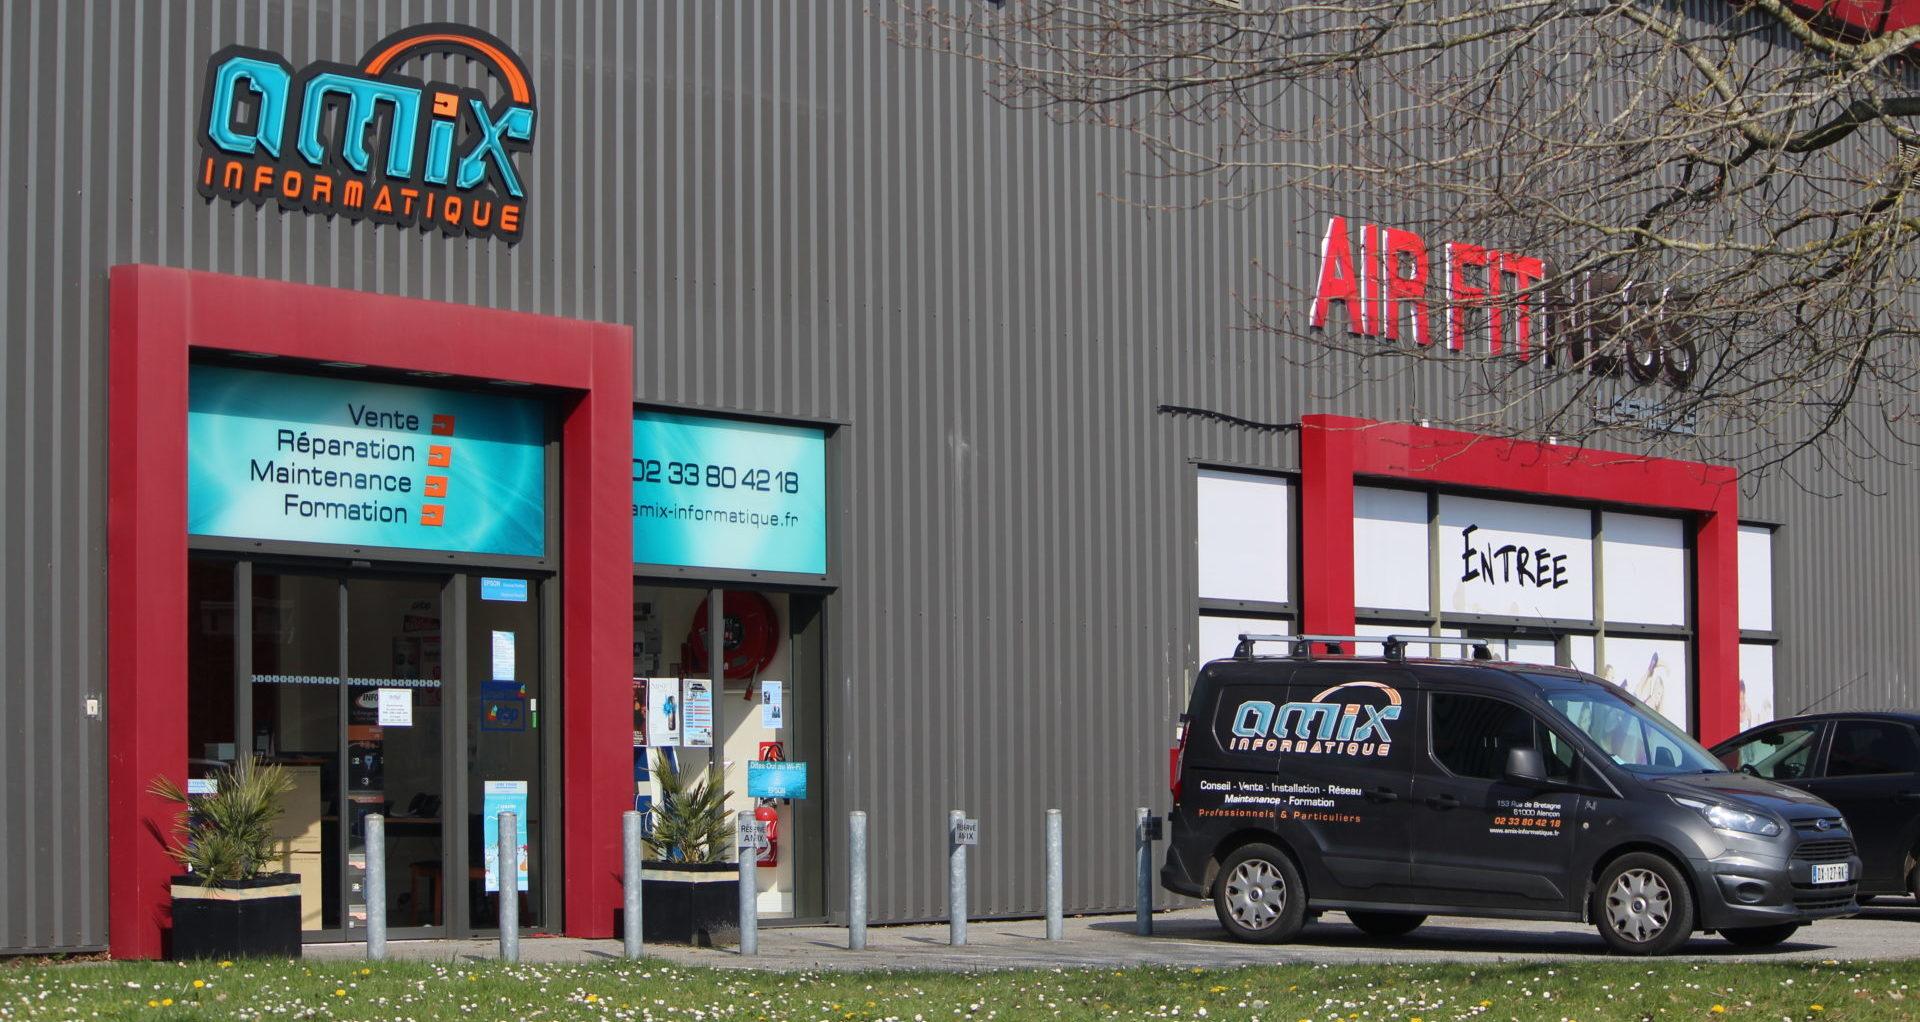 Magasin et atelier informatique Alençon